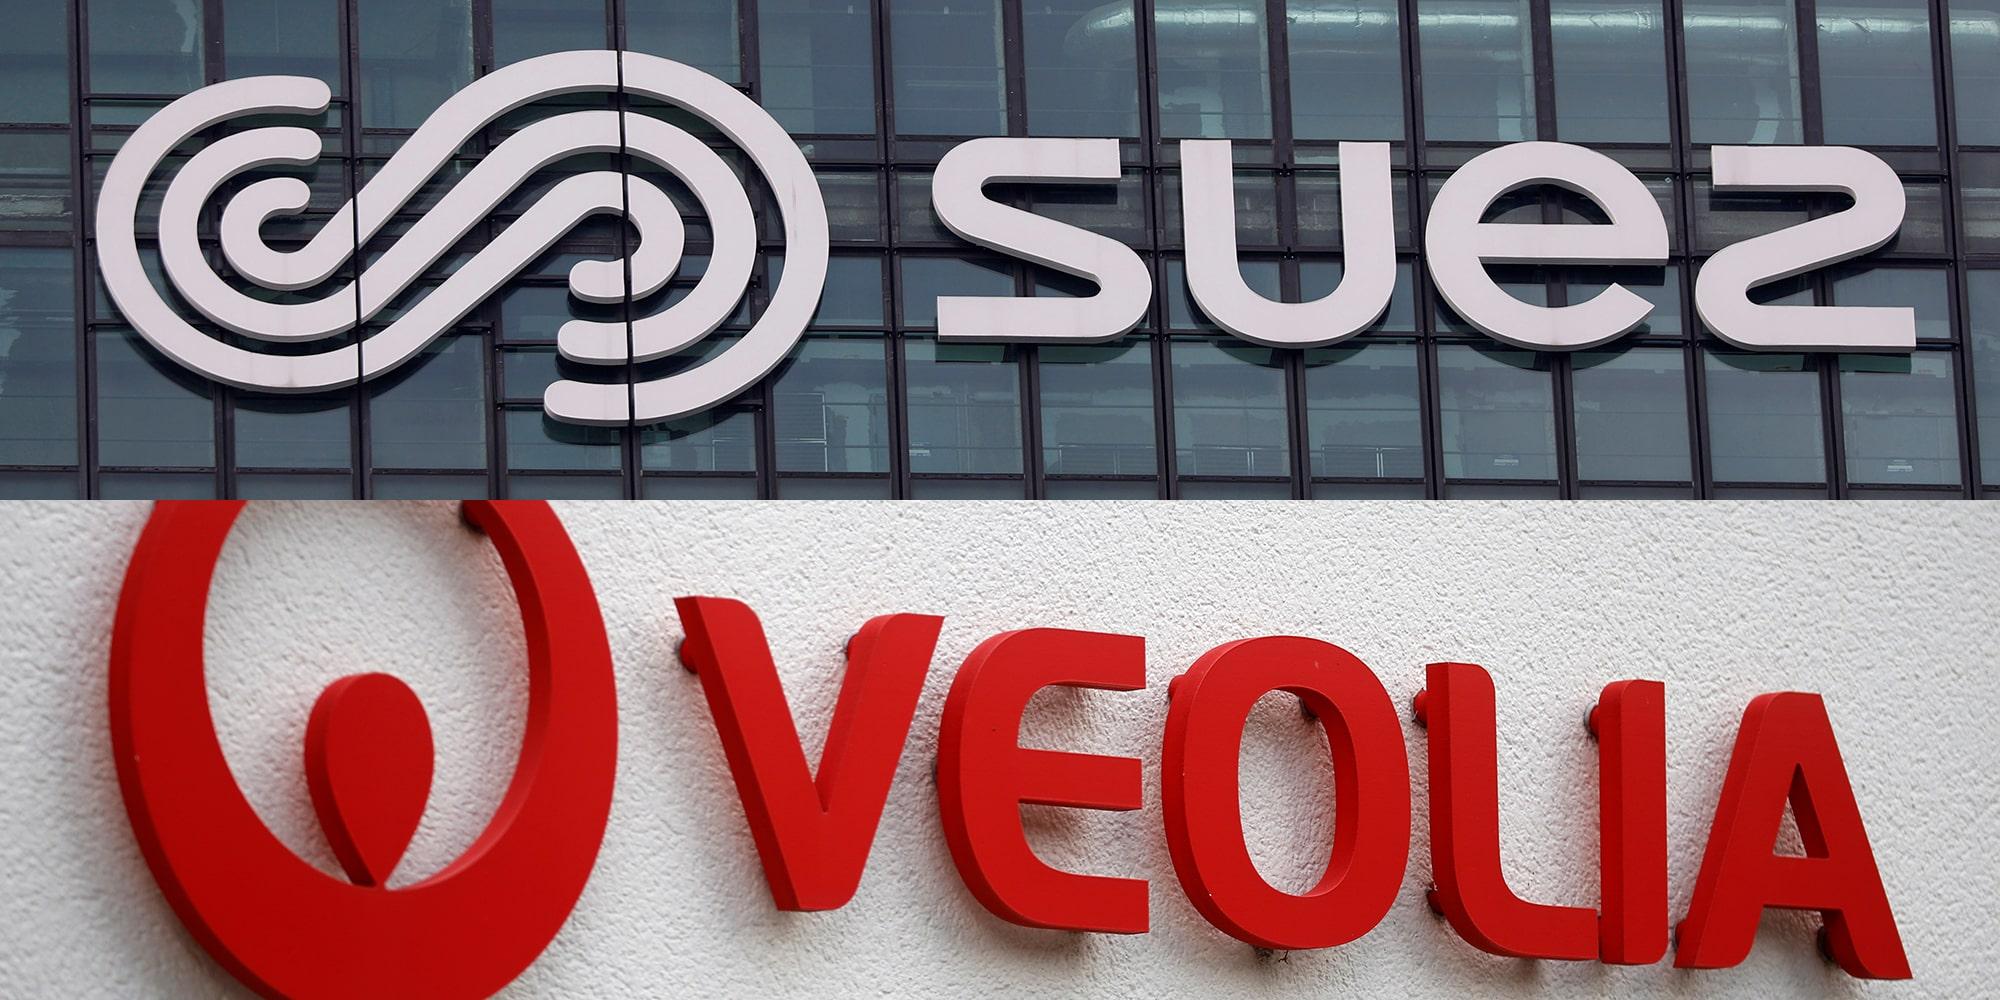 Fusion Suez-Veolia : où est la logique industrielle ?